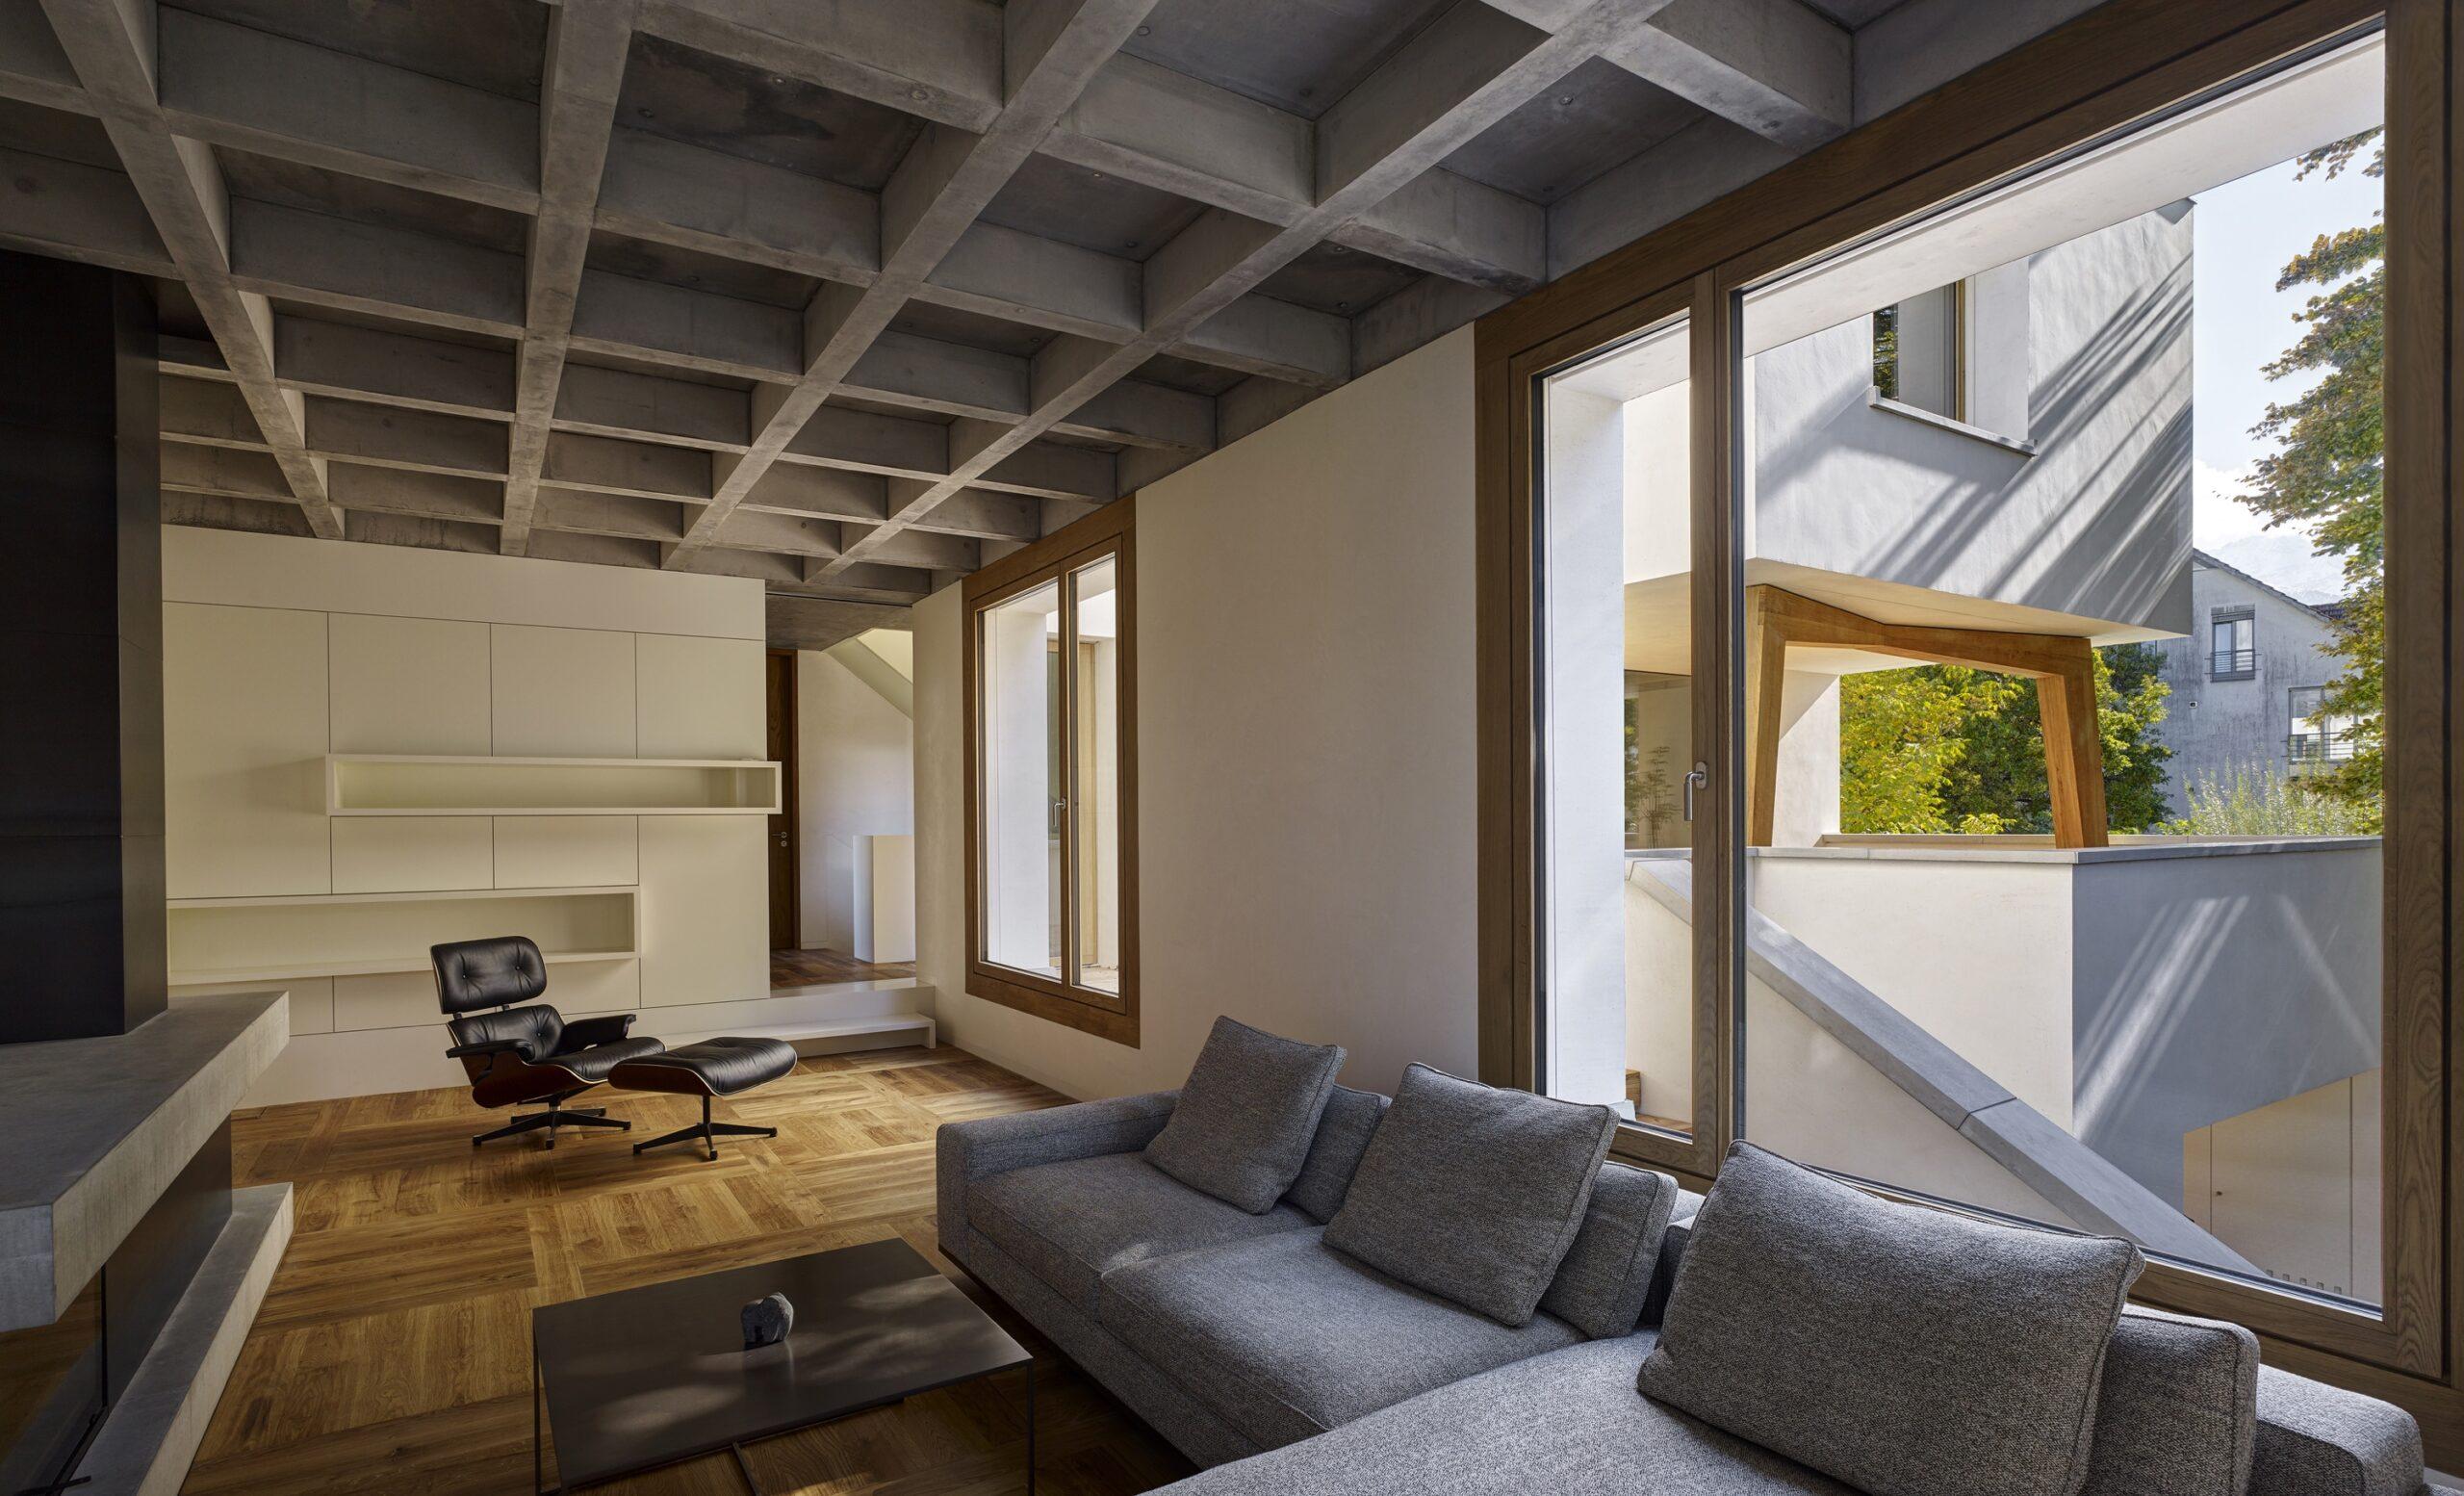 Haus Holdergasse, Wohnzimmer, Kamin, BE Architekten, Olex, Marc Lins